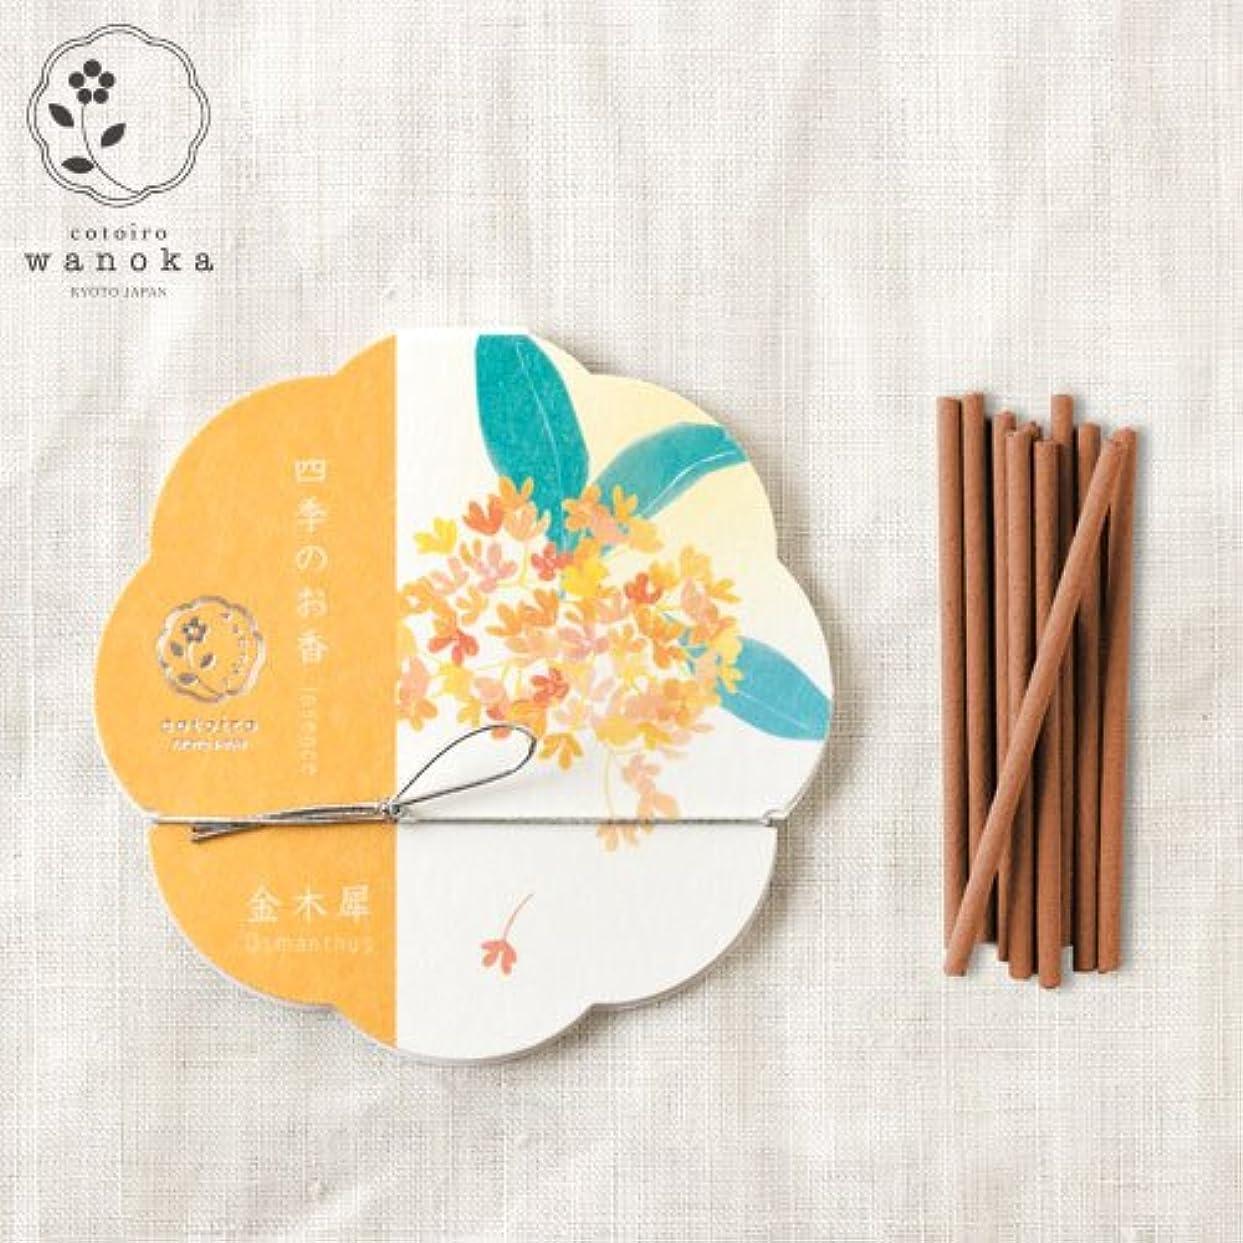 詳細な安定真実wanoka四季のお香(インセンス)金木犀《金木犀をイメージした果実のような甘い香り》ART LABIncense stick